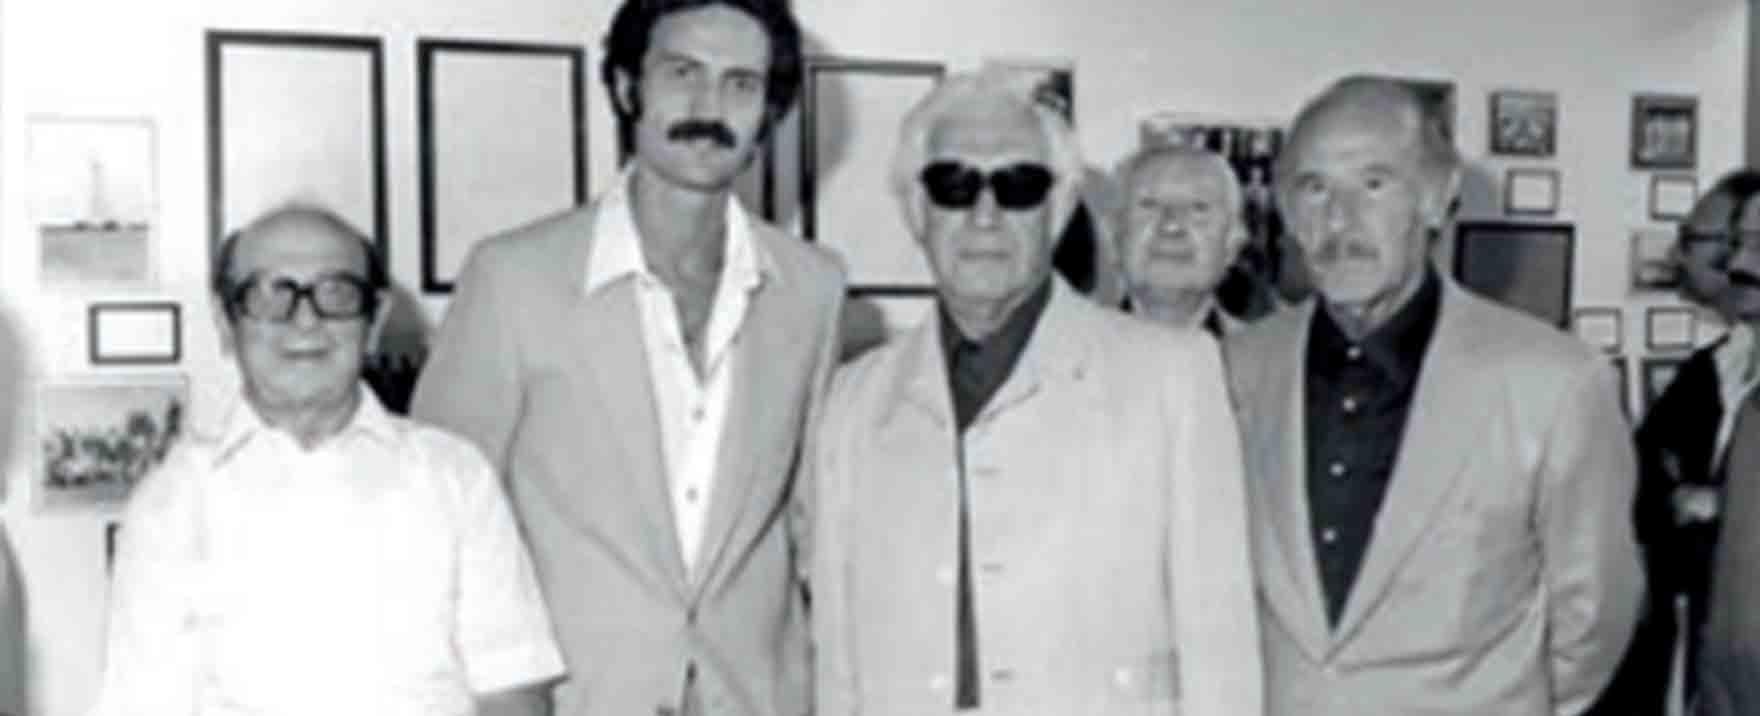 Archivo Histórico Miguel Litchi #YoSoyHistoria